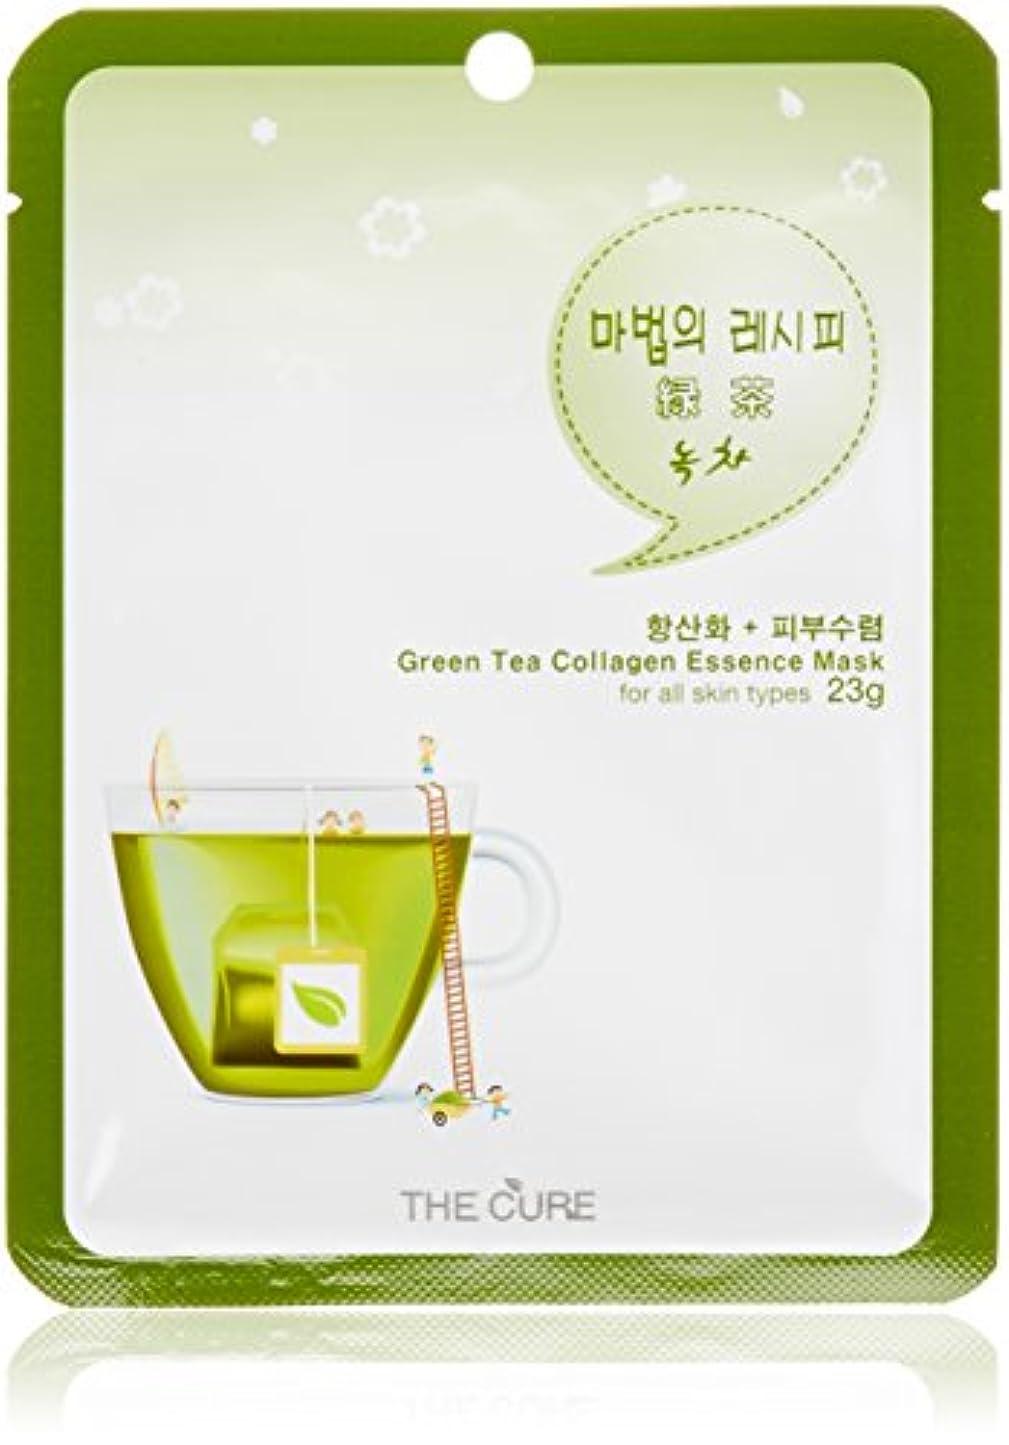 パンツ特権滅びるTHE CURE緑茶 コラーゲンエッセンスマスク15枚セット